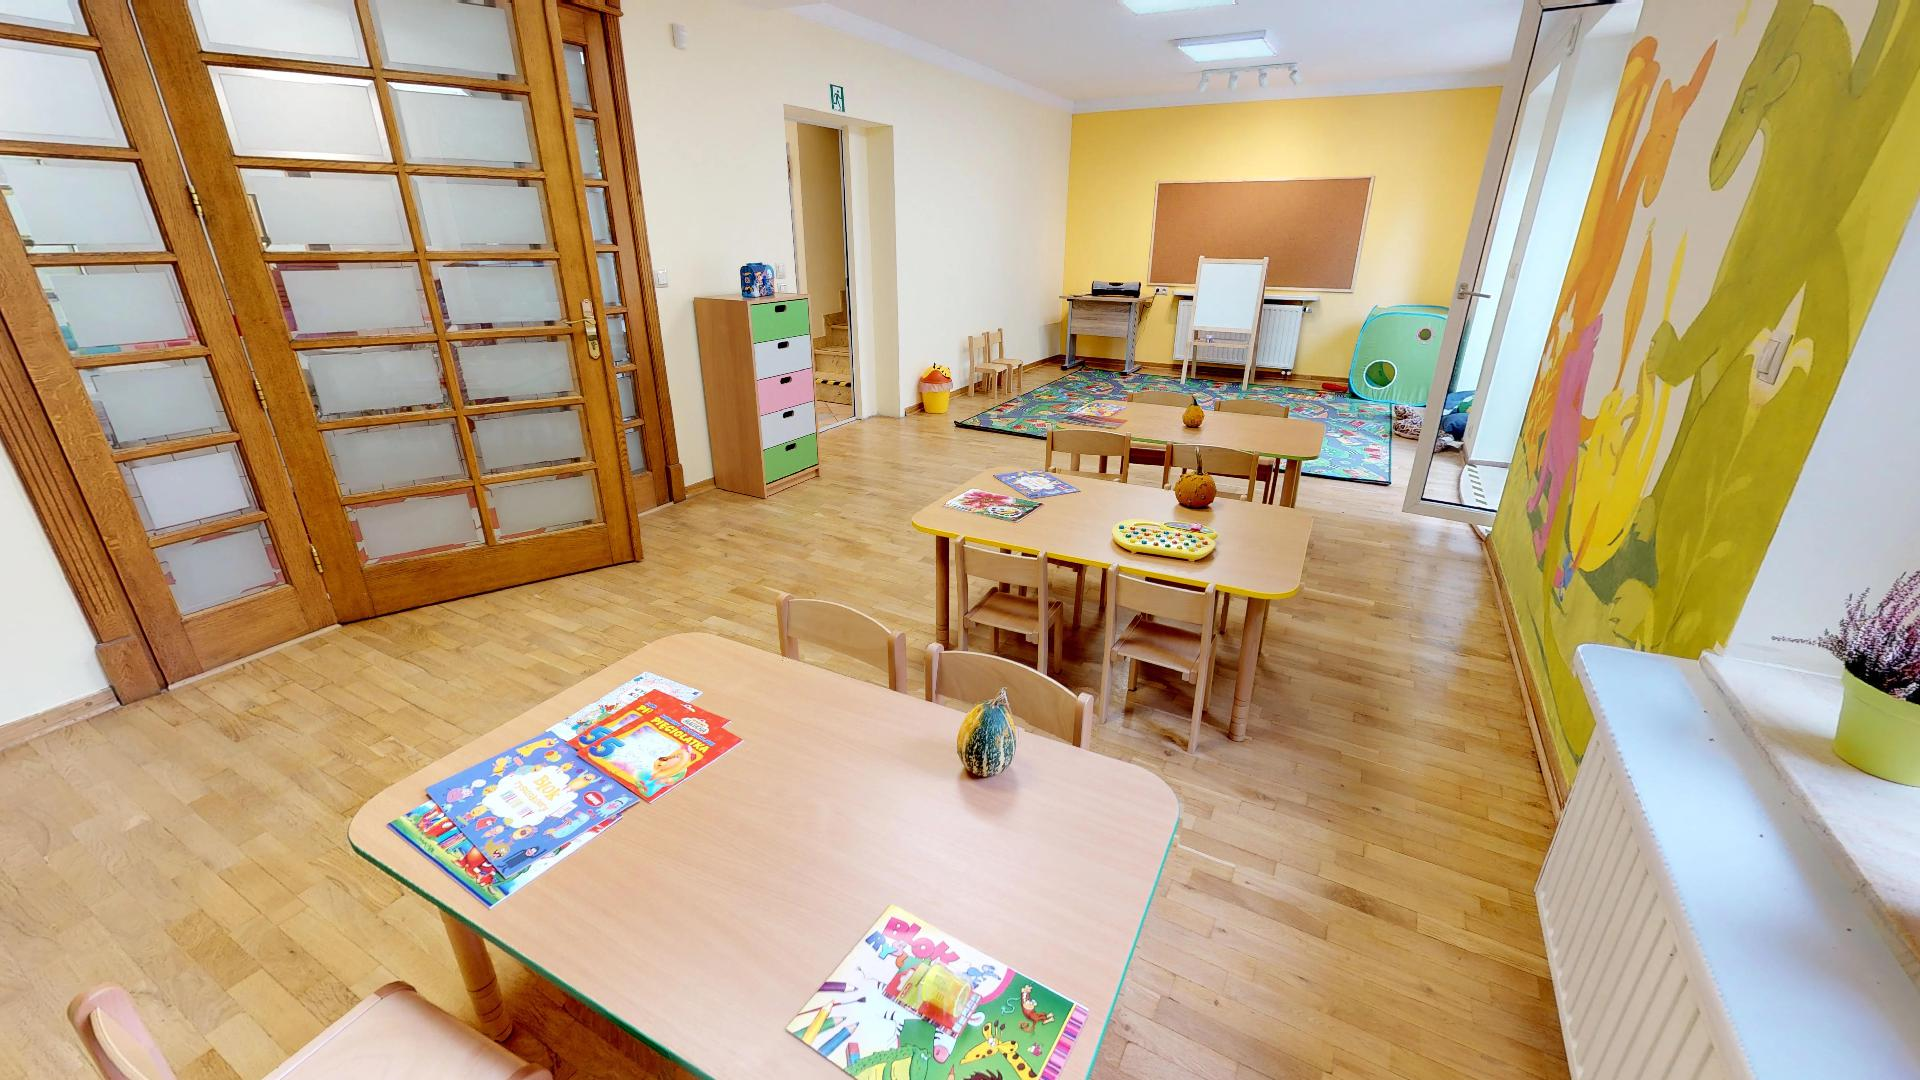 nowoczesne przedszkole niepubliczne Kraków